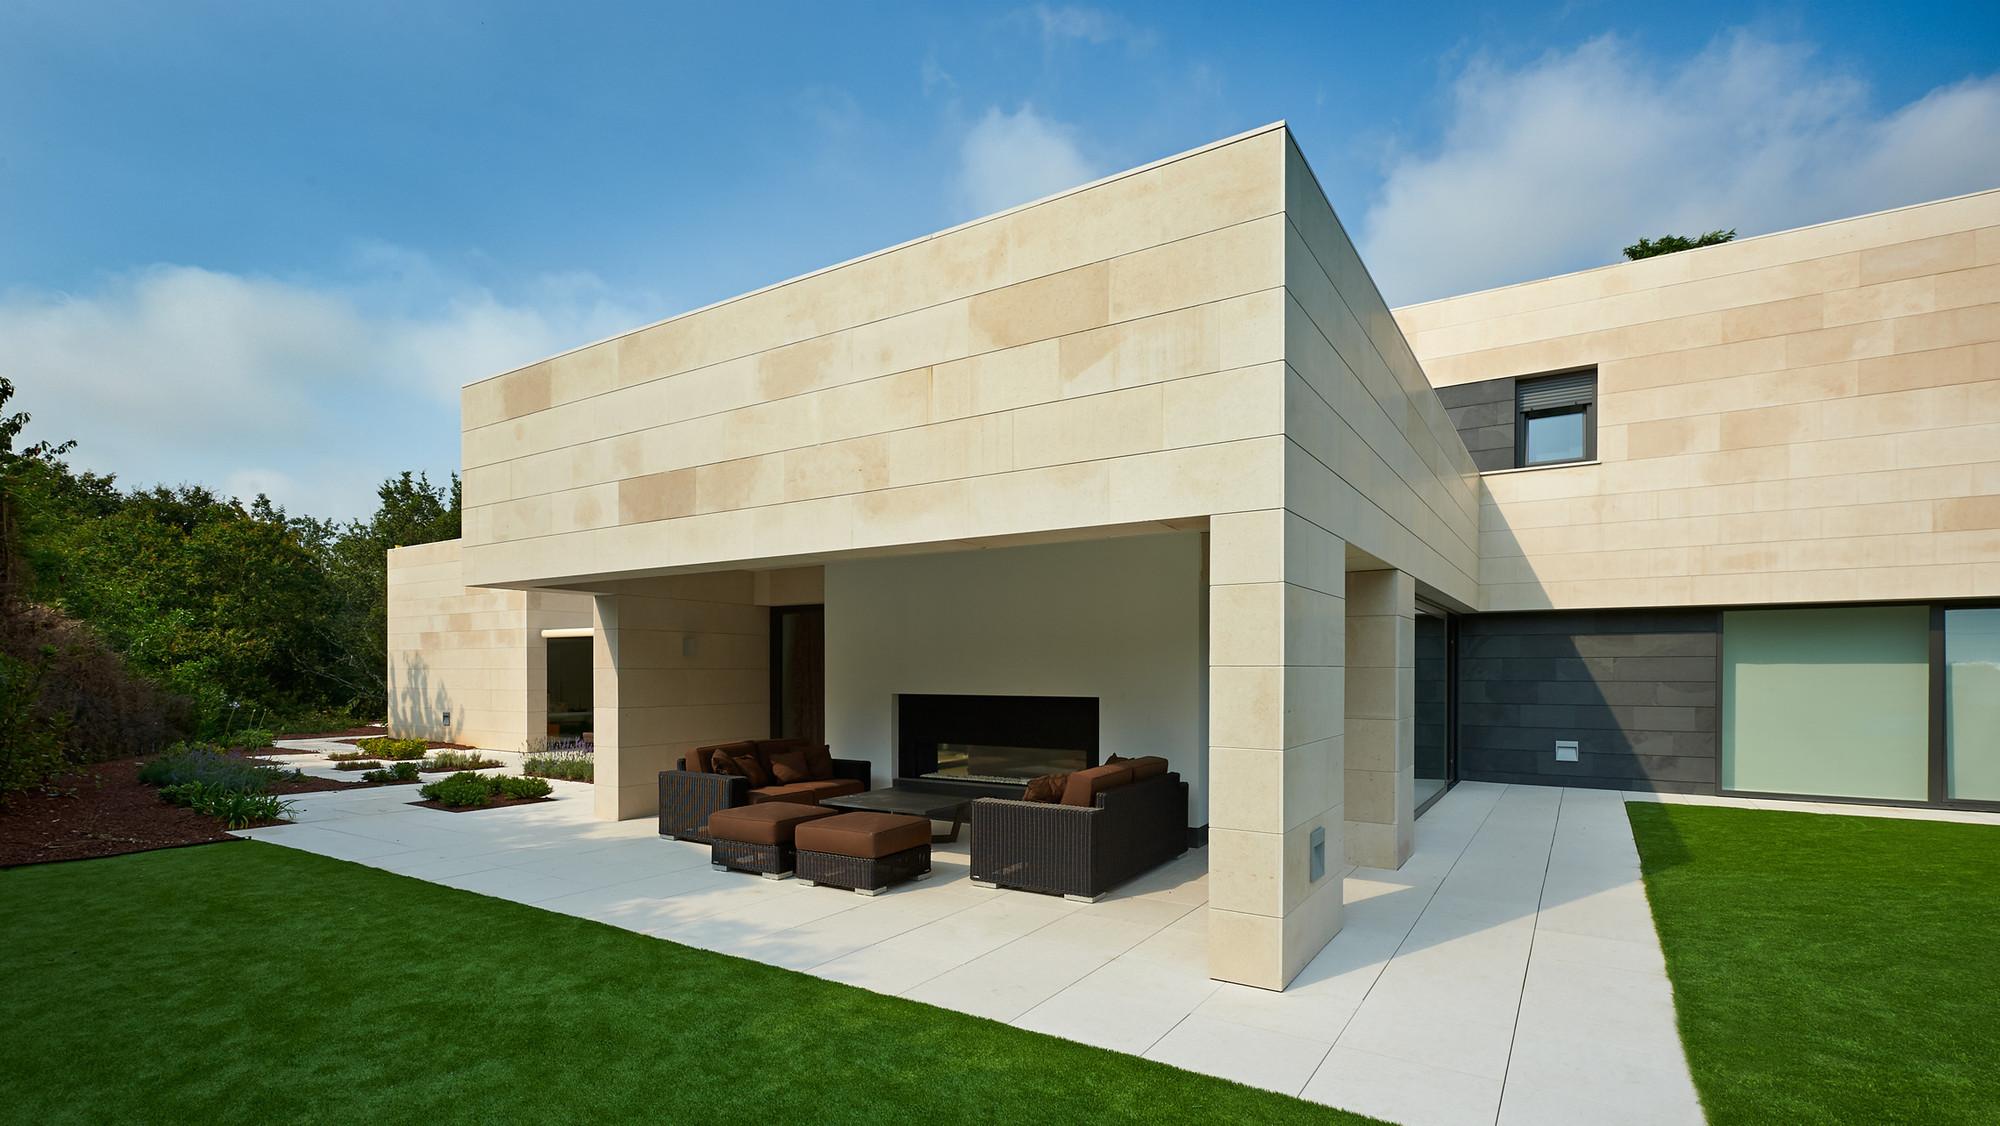 Galeria de casa em la bilban a foraster arquitectos 6 - Foraster arquitectos ...